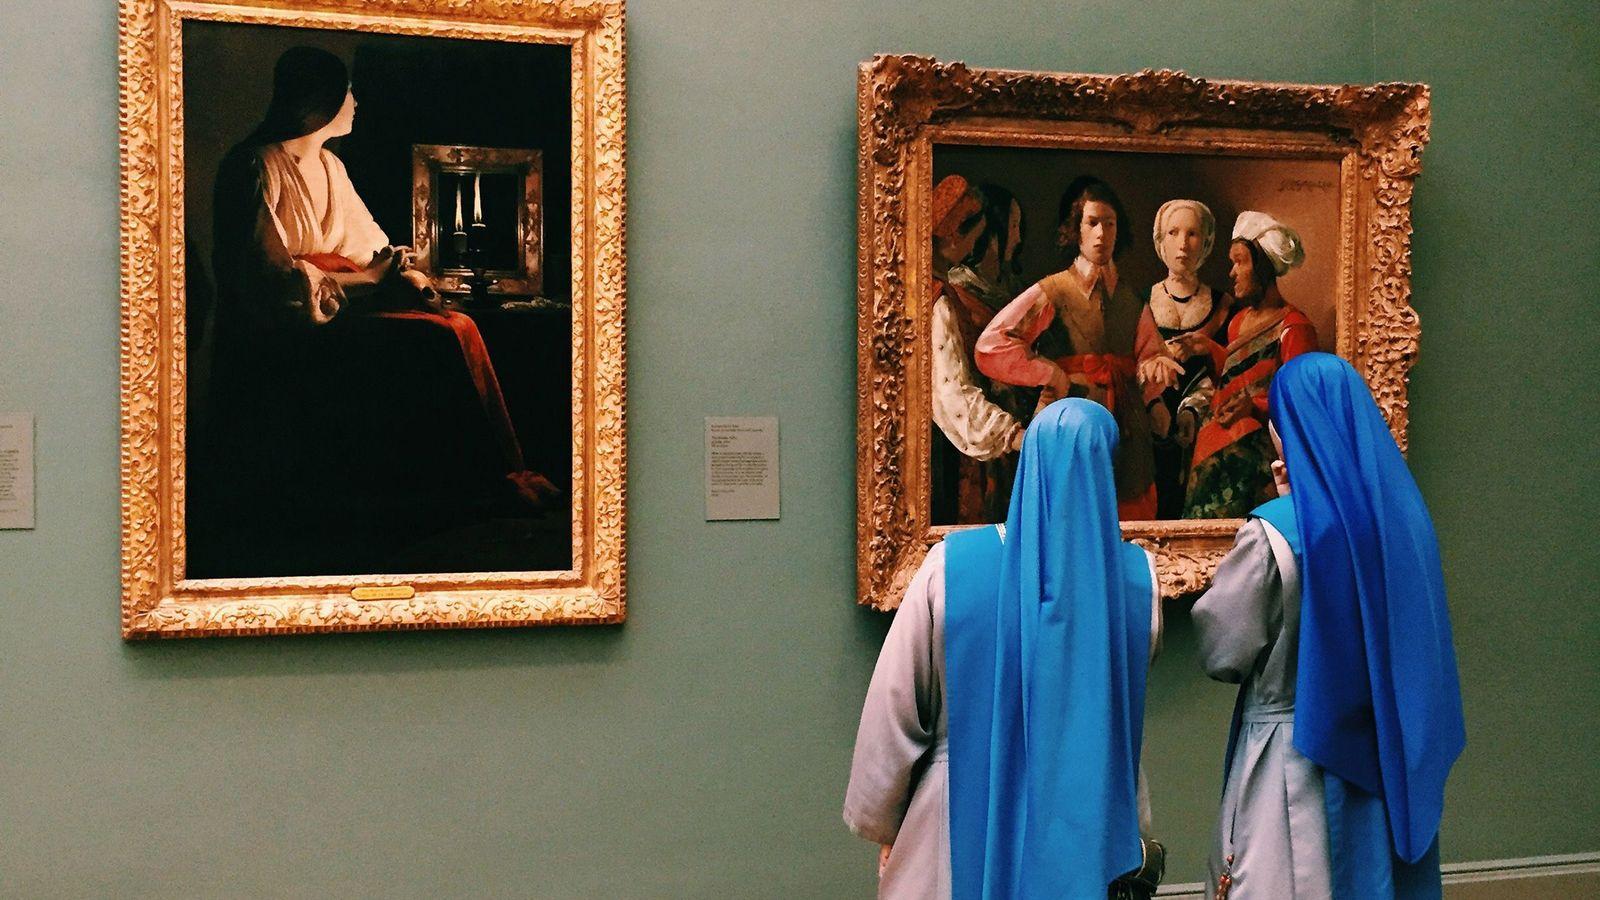 Museu Metropolitano de Arte de Nova Iorque, Nova Iorque.